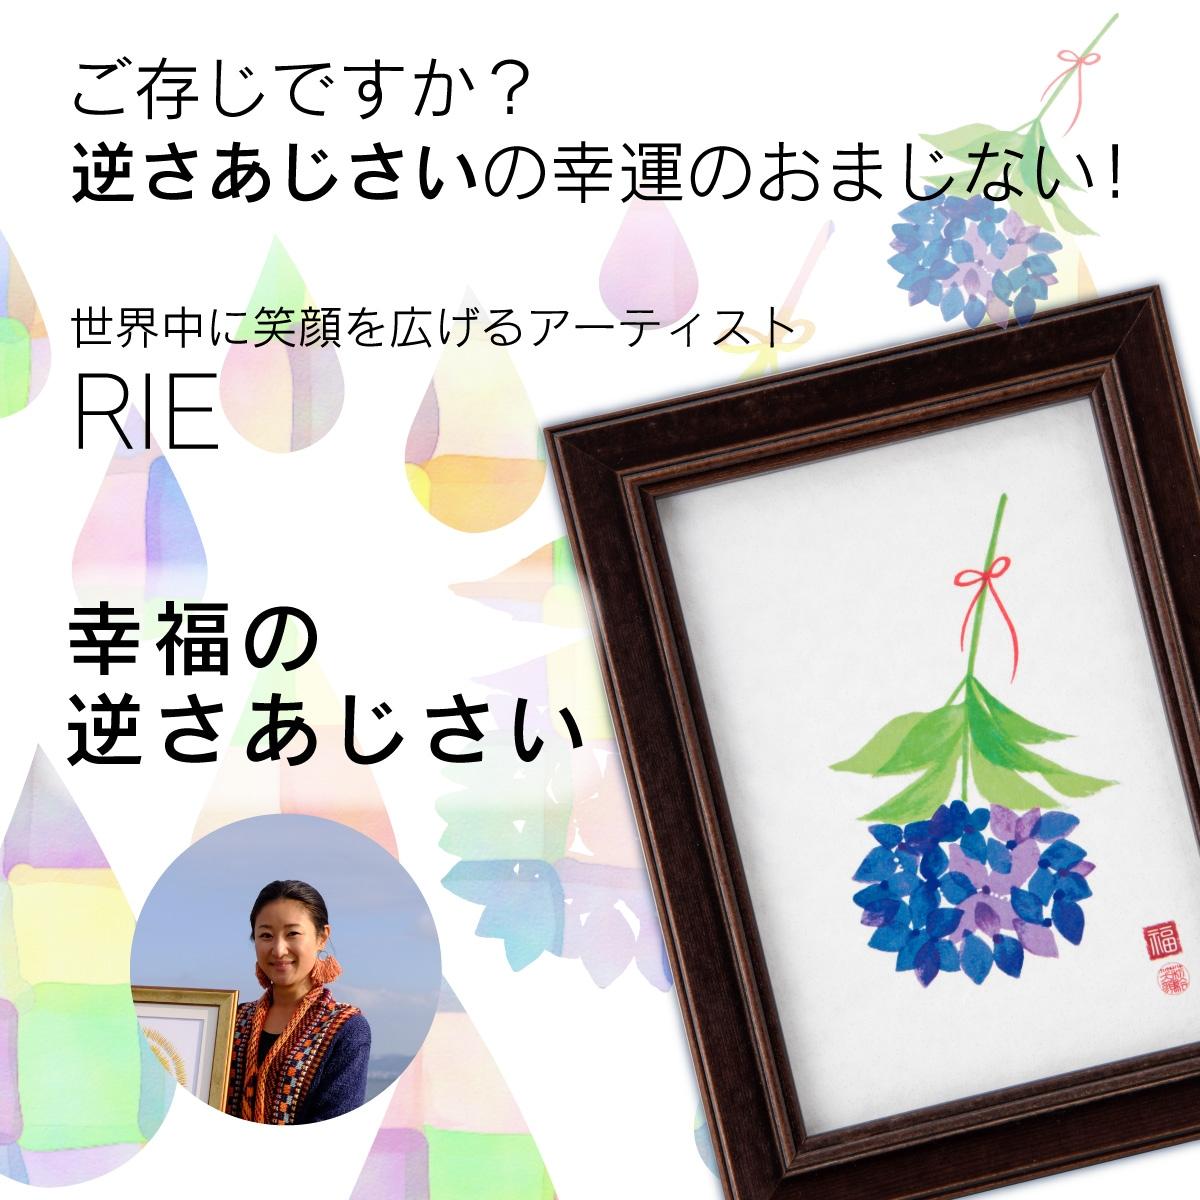 簡単おまじない♪  RIEの『幸福の逆さあじさい』 開運グッズ